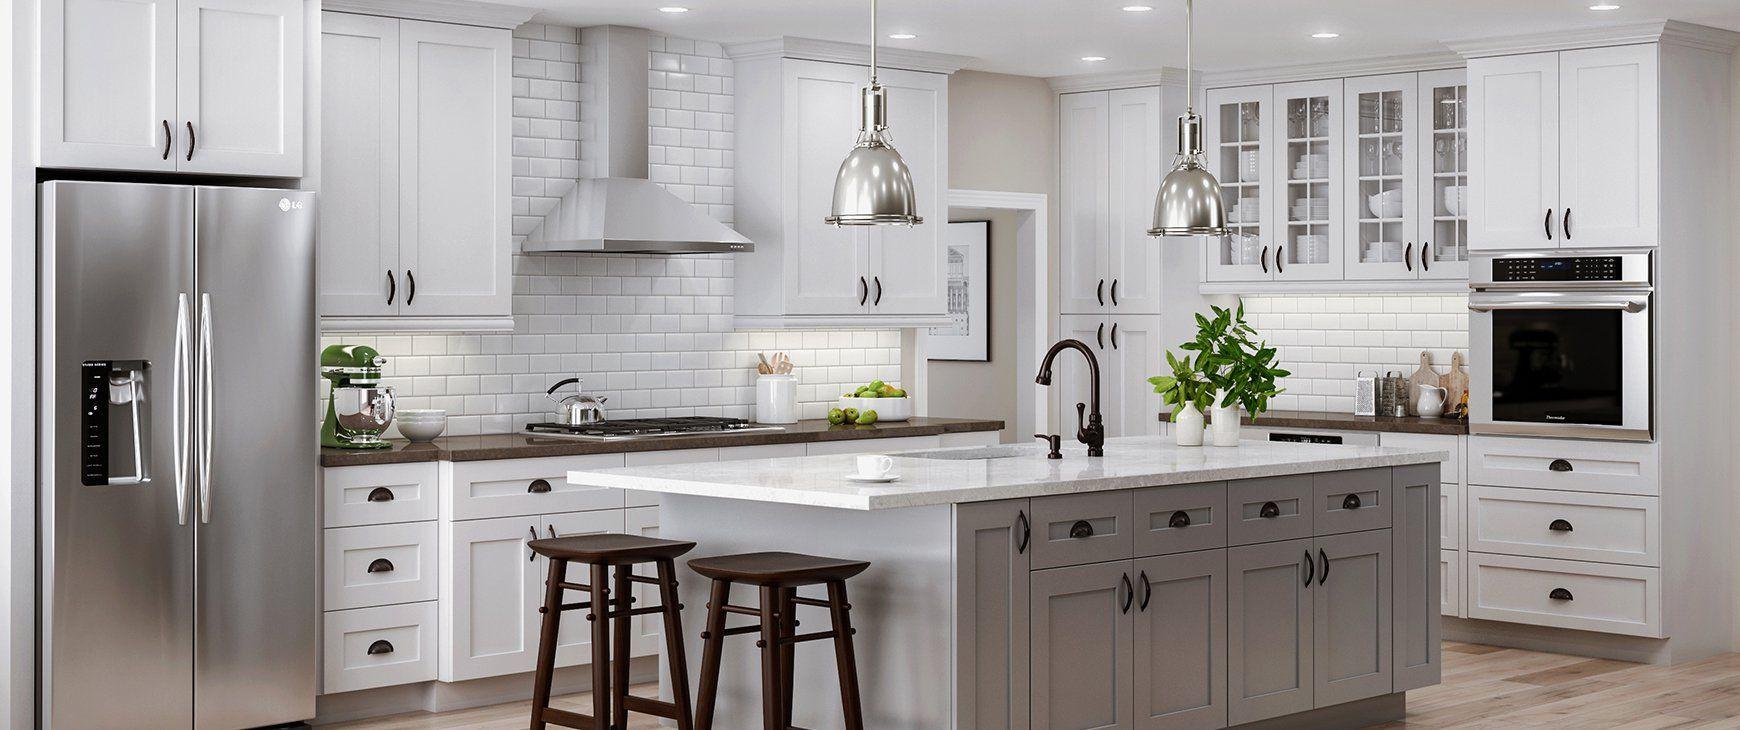 Home depot Kitchen prices, Kitchen